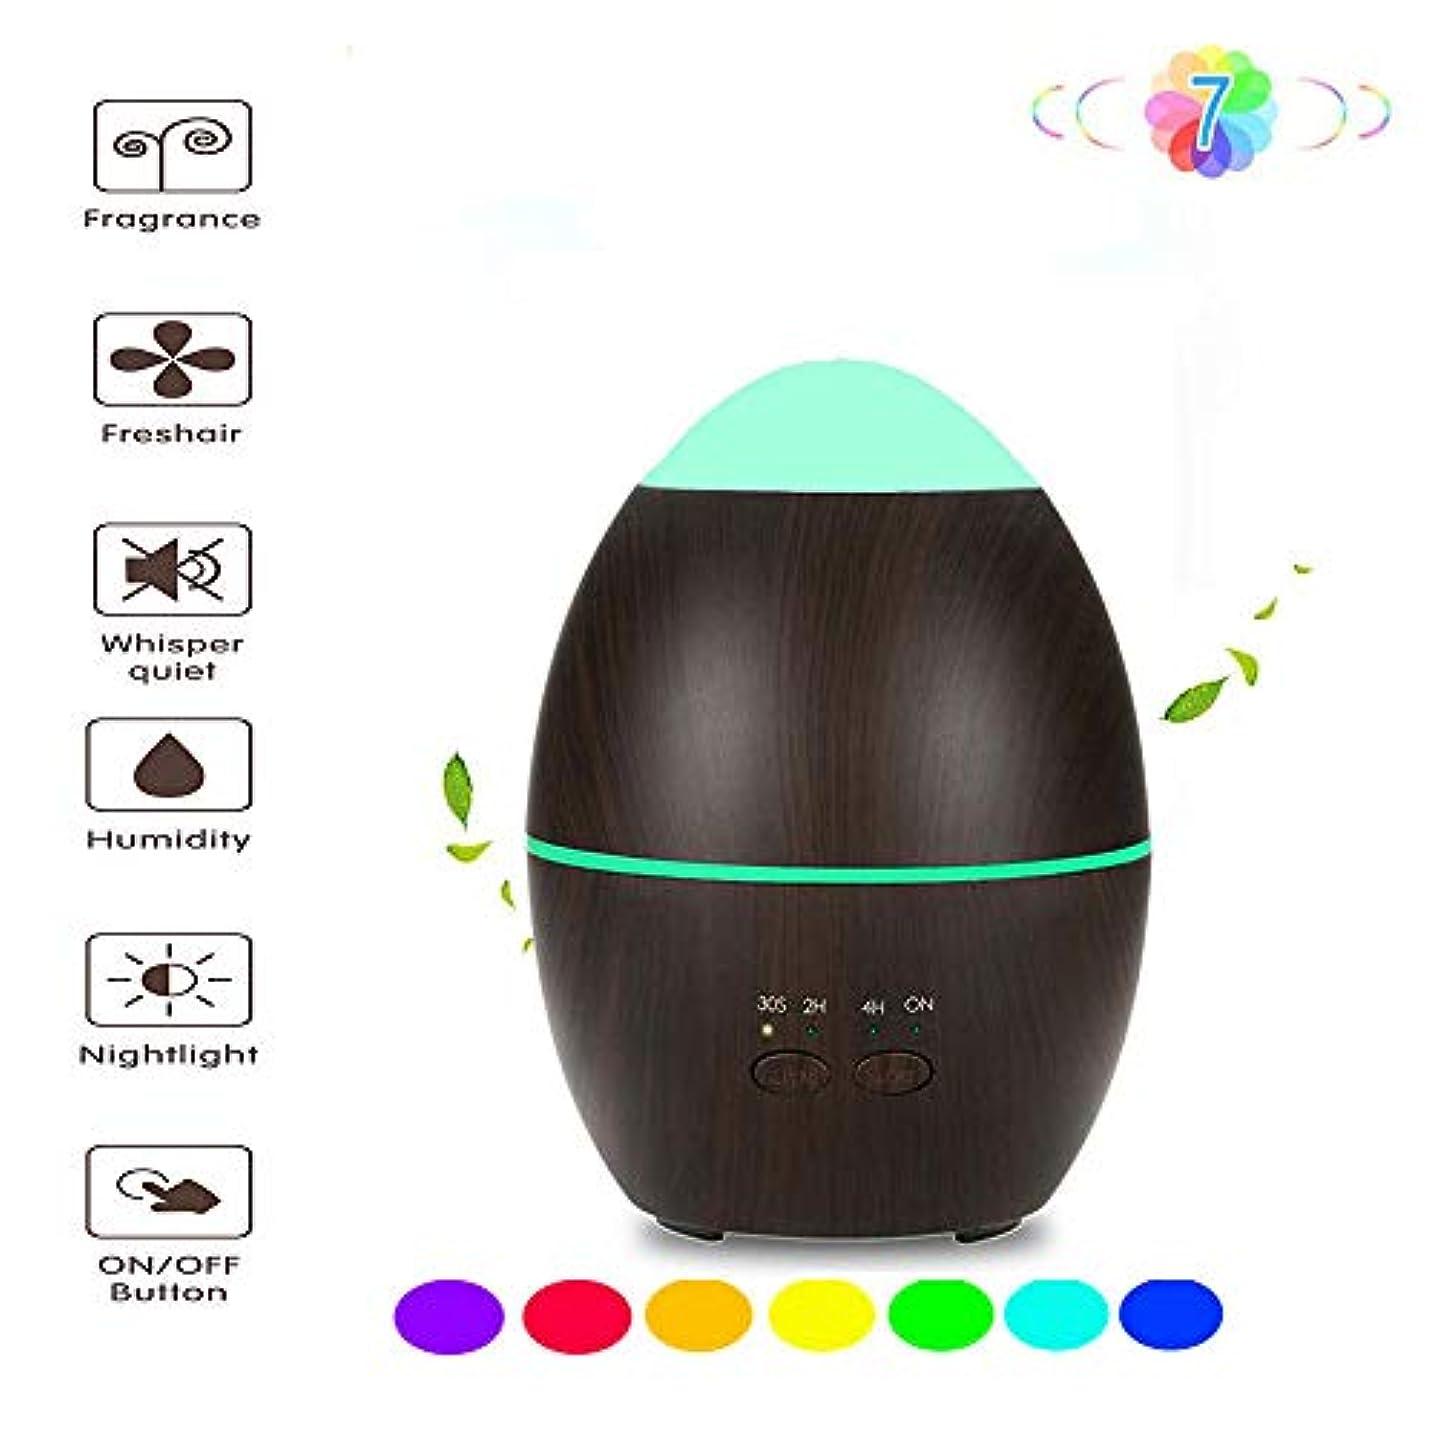 歌刈る器具アロマディフューザー、超音波エッセンシャルオイル加湿器 - 魅力的な7色LEDナイトライト - タイミング設定 - ウォーターレス自動閉300ML